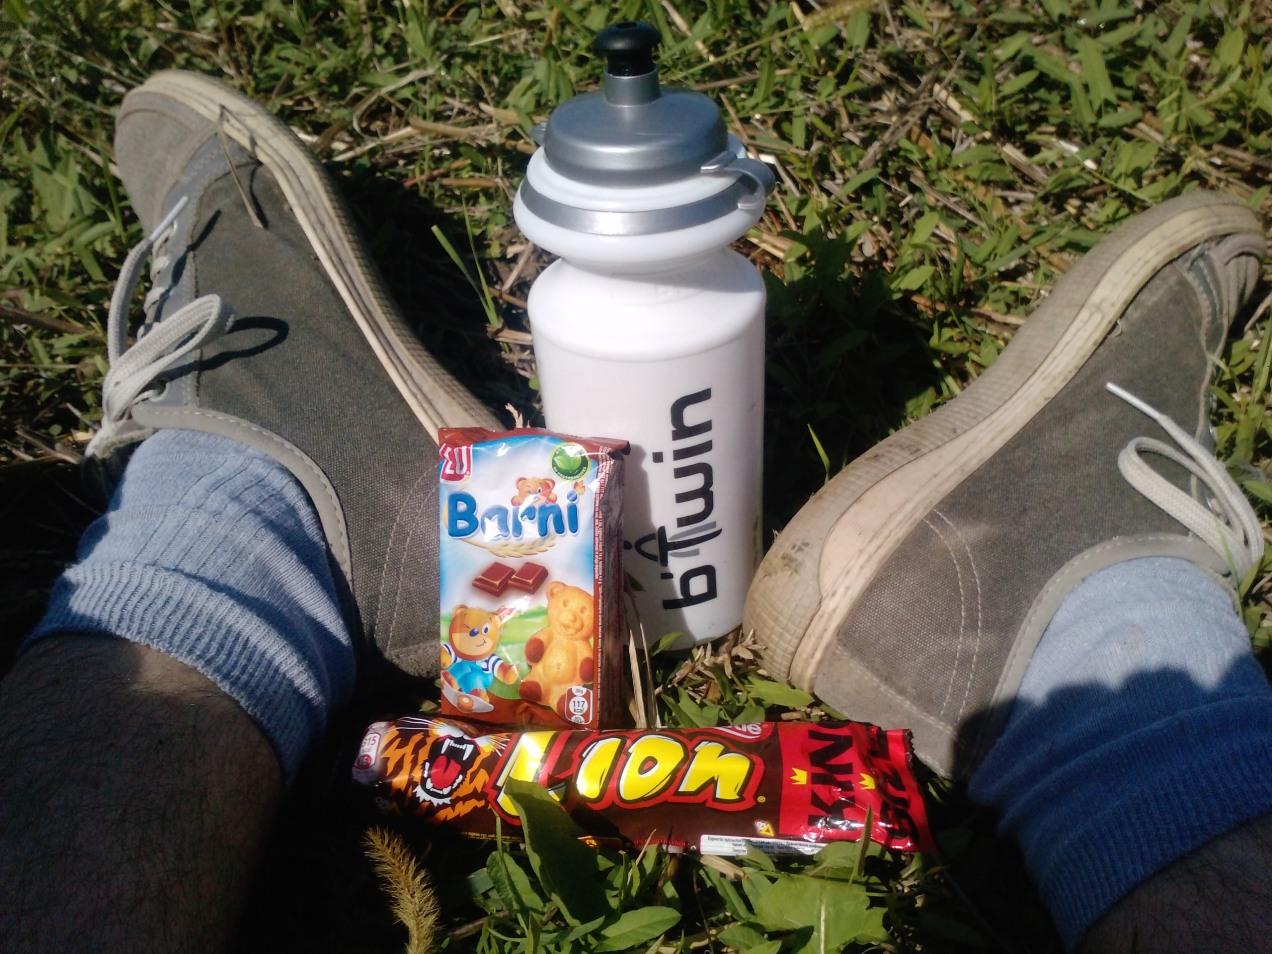 160 Km singur pe bicla - pauza de masa la Budesti